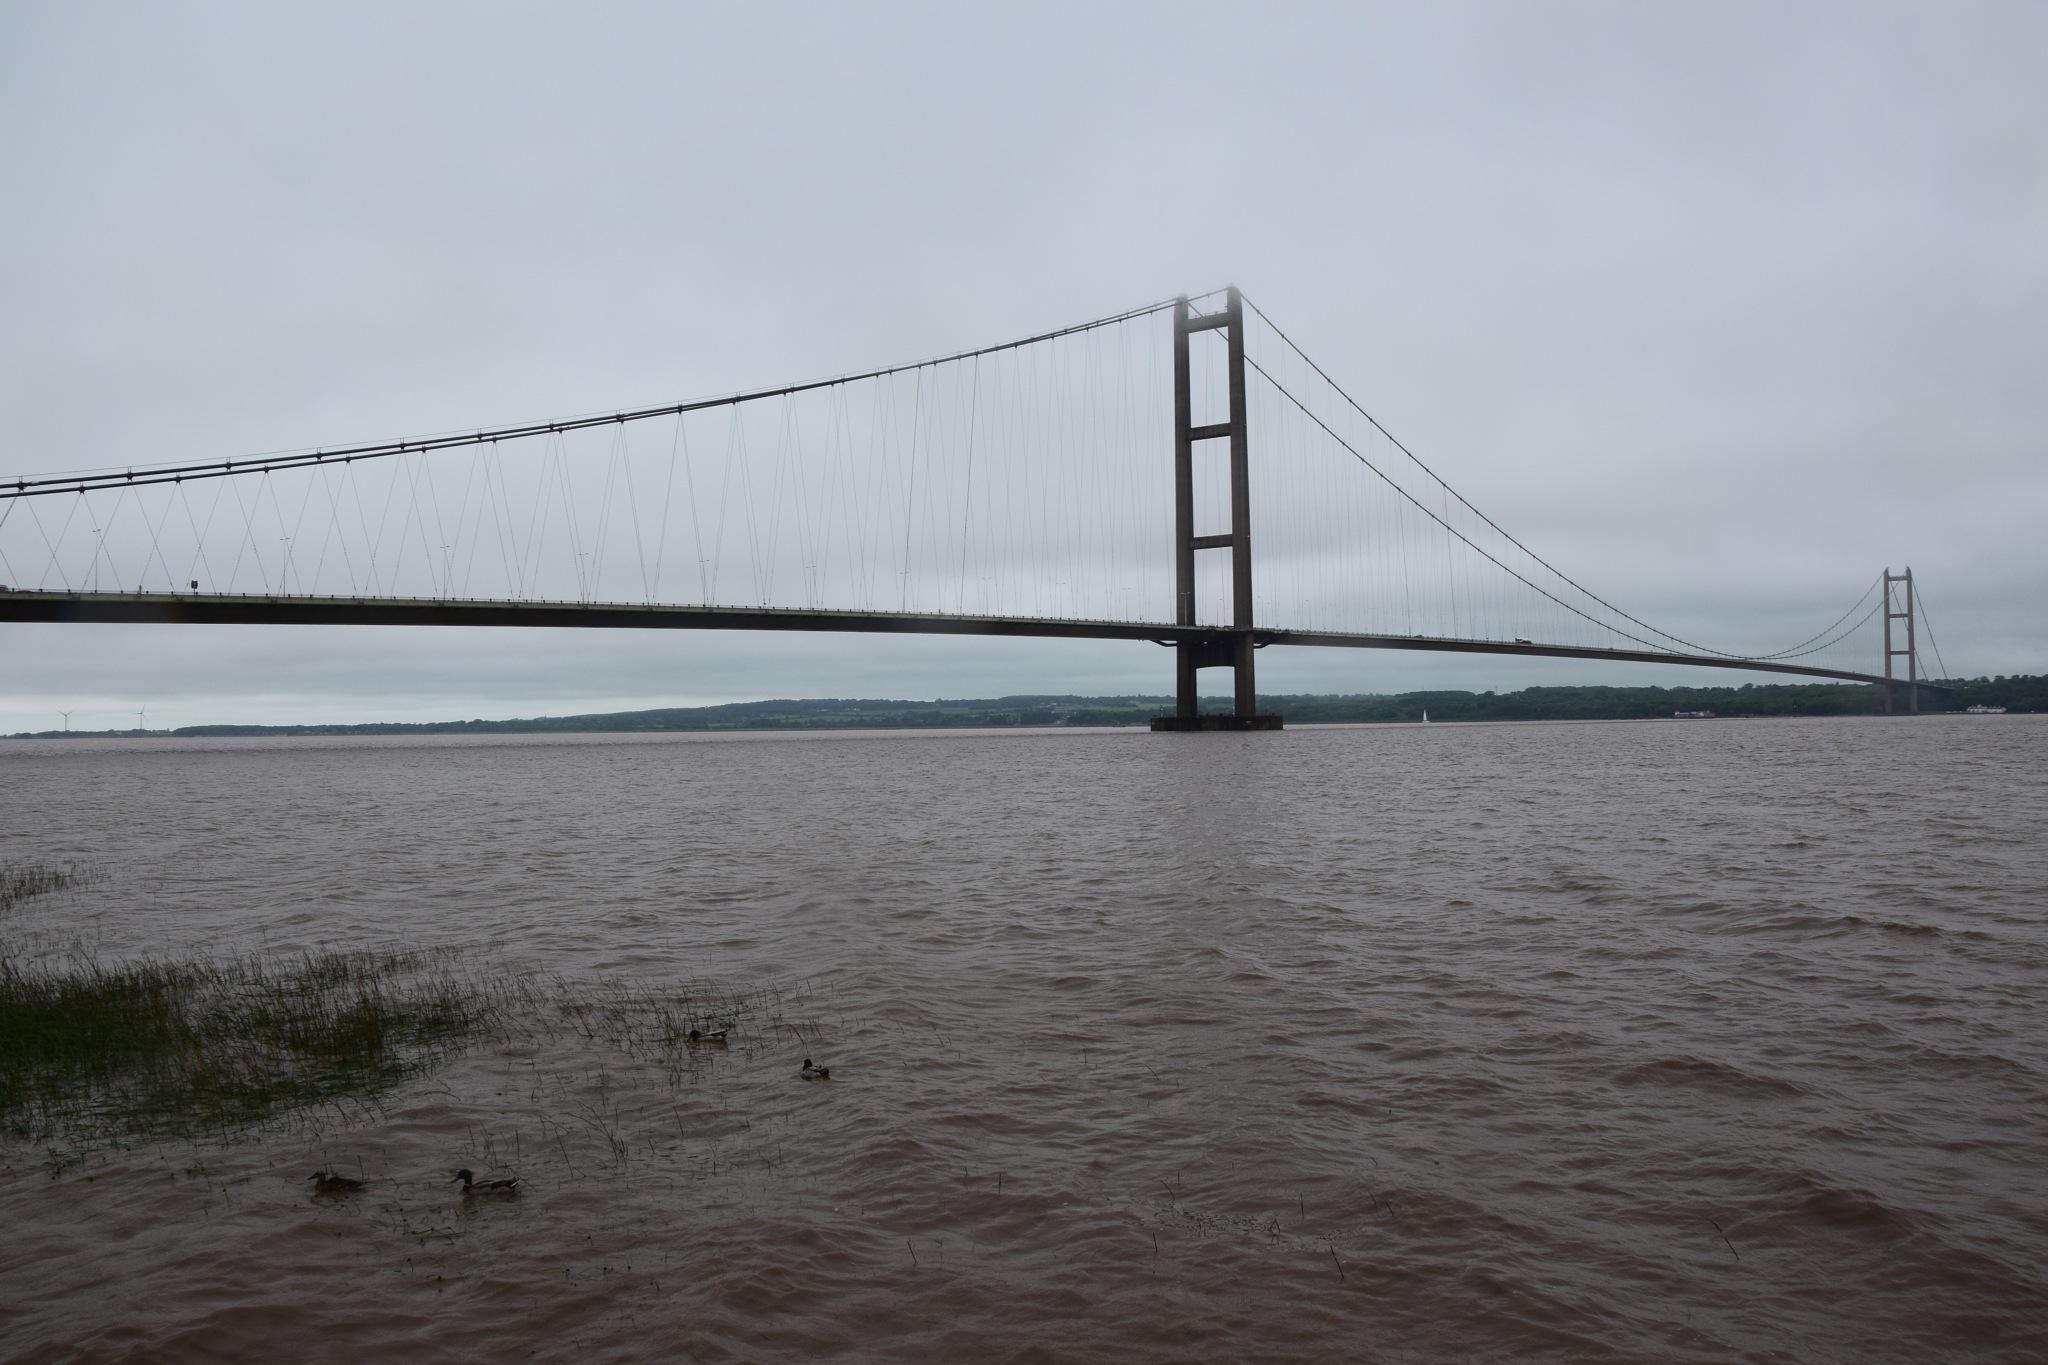 Humber Bridge by GraemeLeePollard